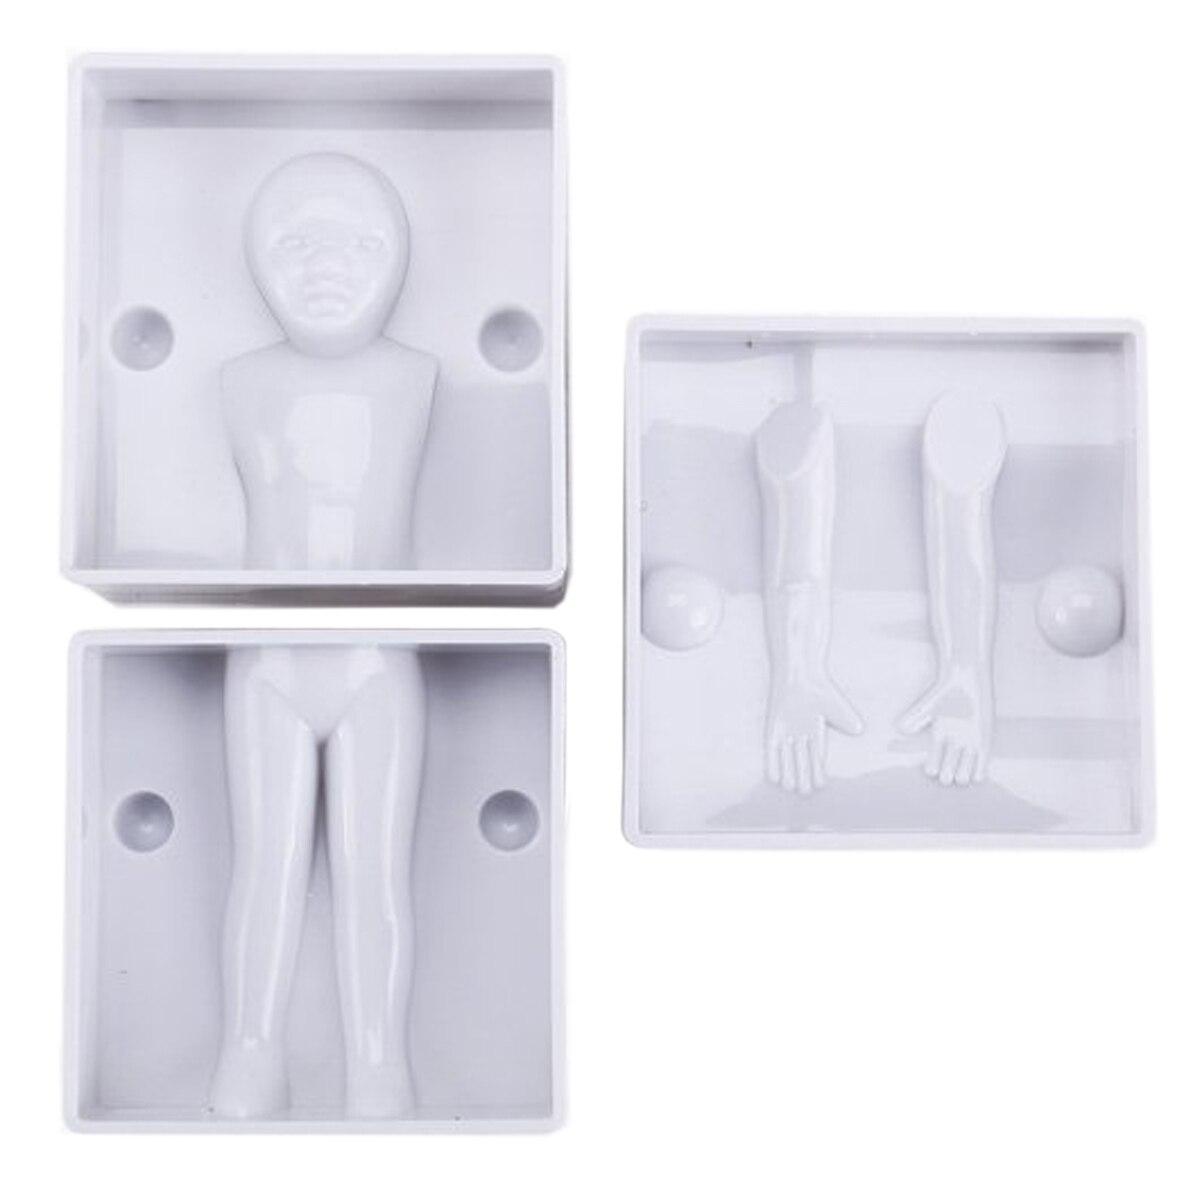 4x moule 3D homme femme garcon fille Emporte-piece Pate a sucre Gateau Figurine